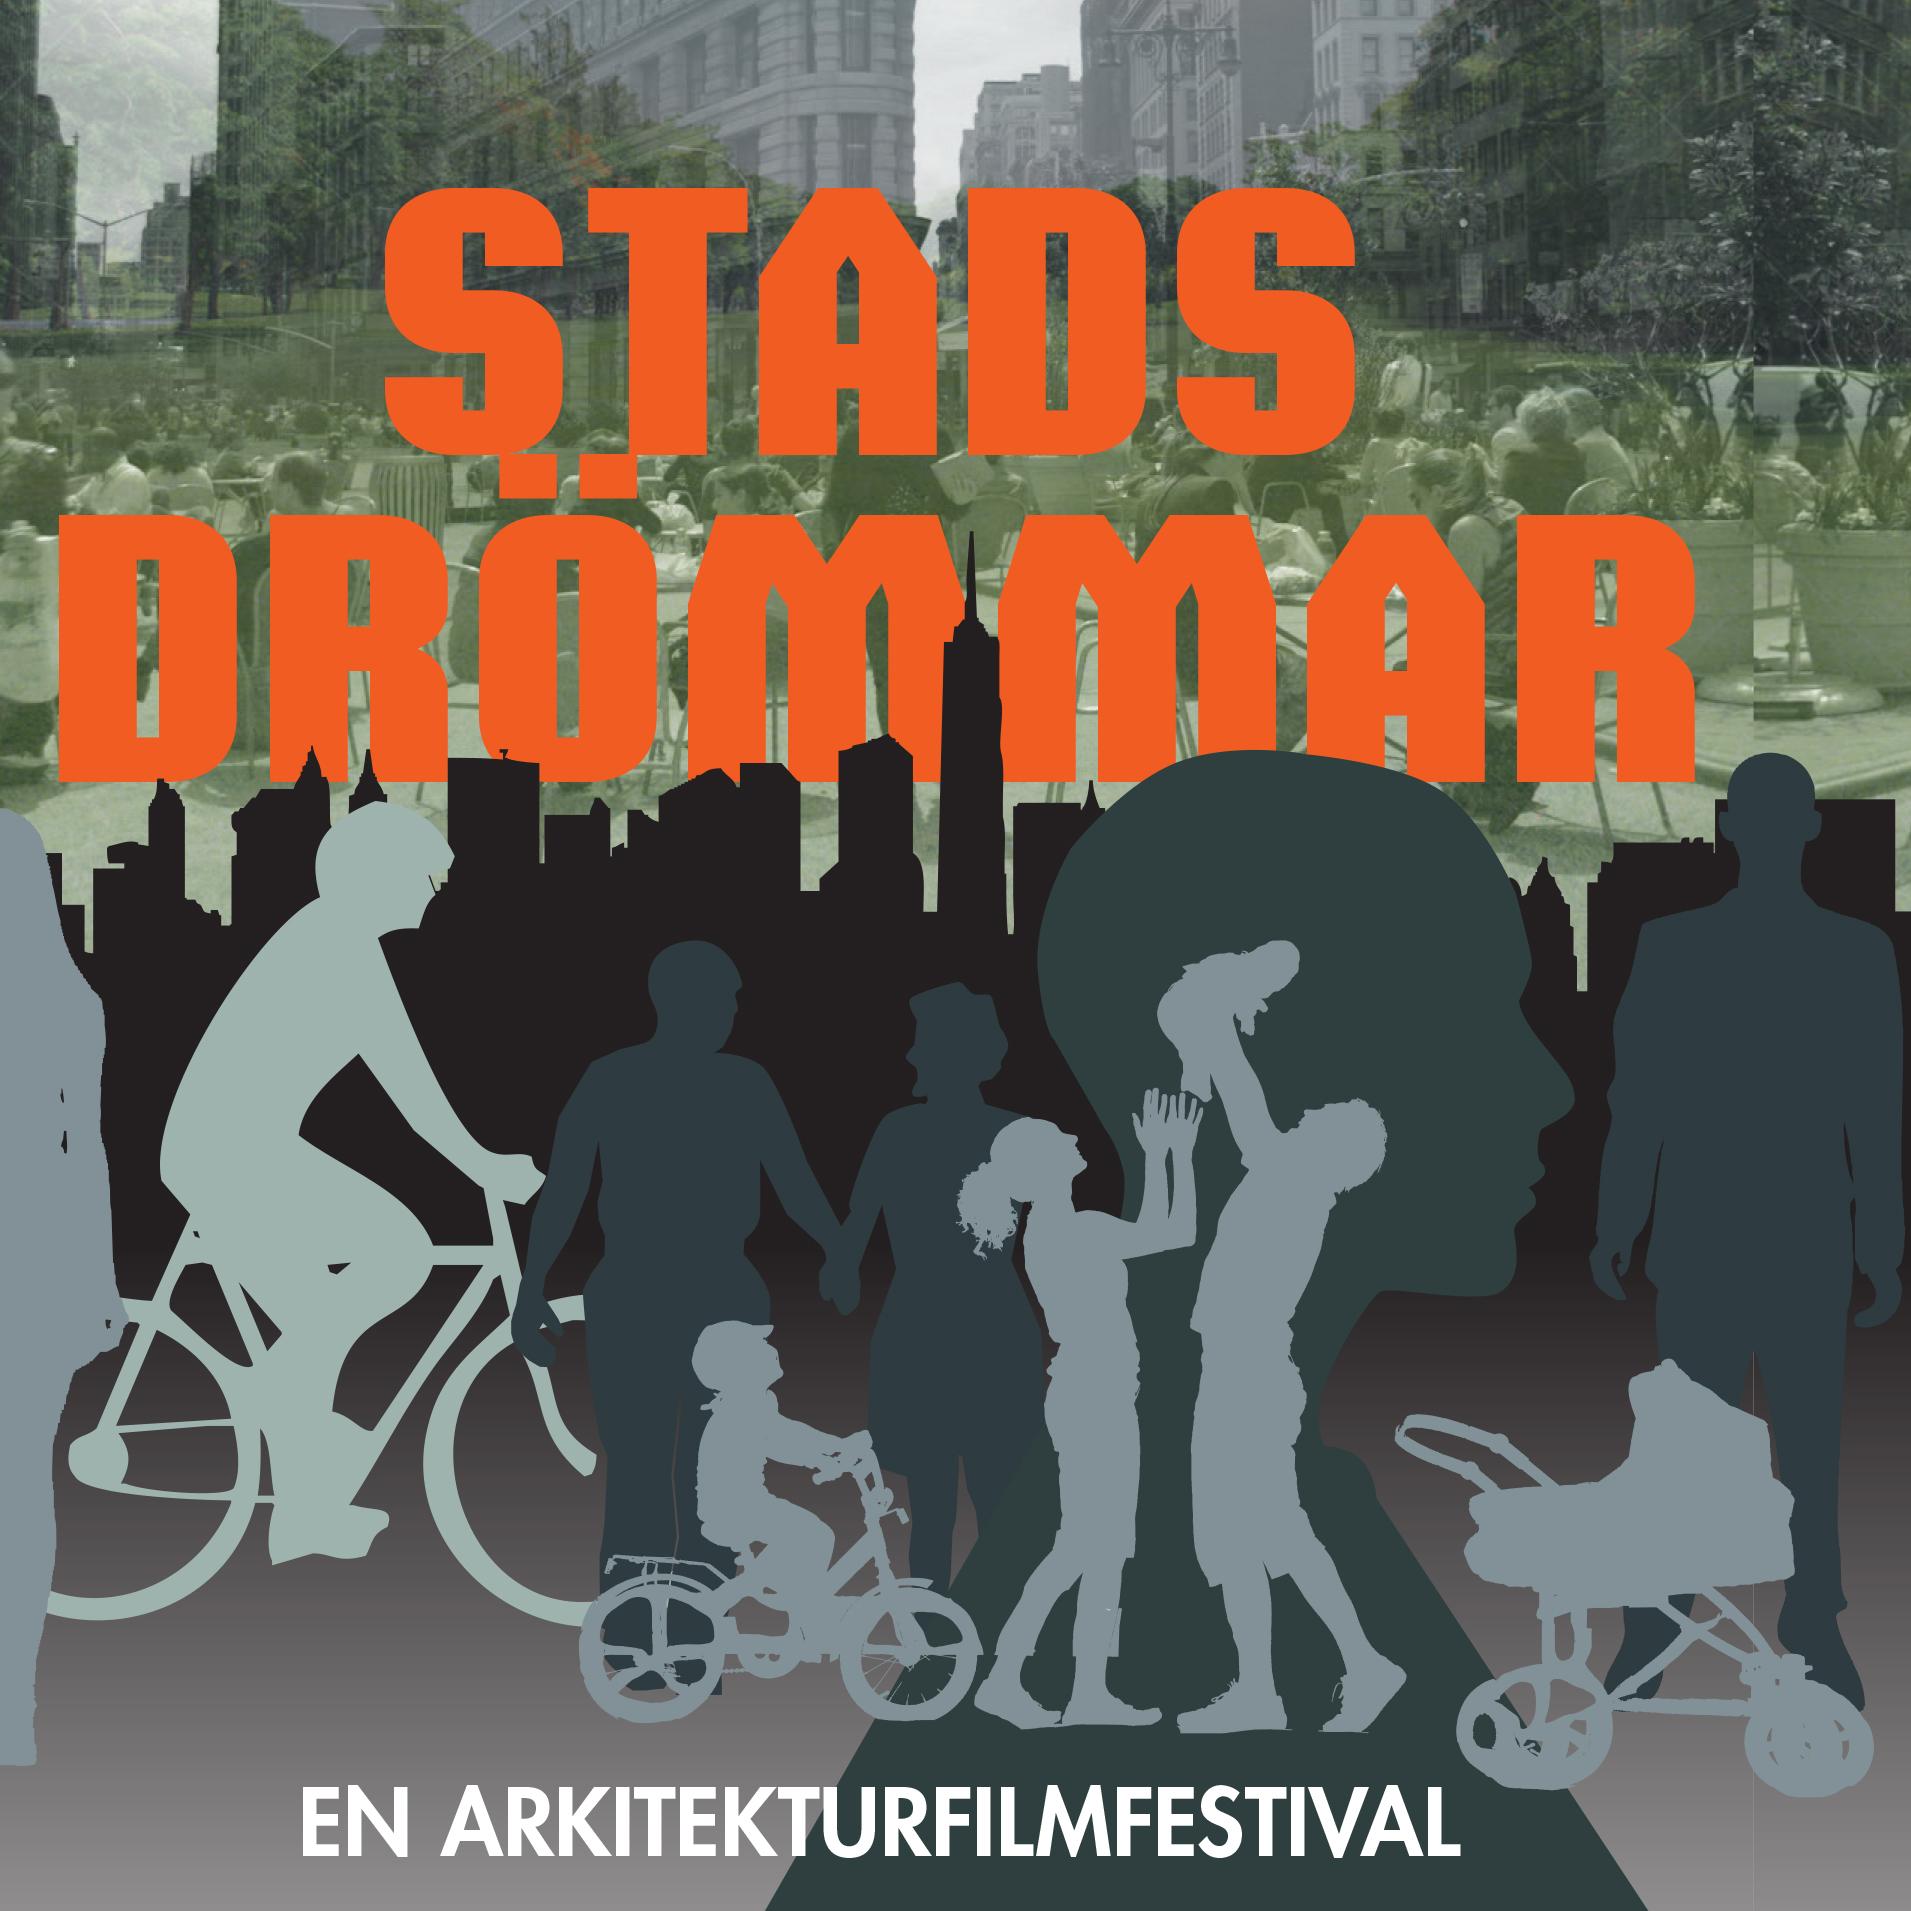 Välkommen till Stadsdrömmar, en arkitekturfilmfestival i Växjö!